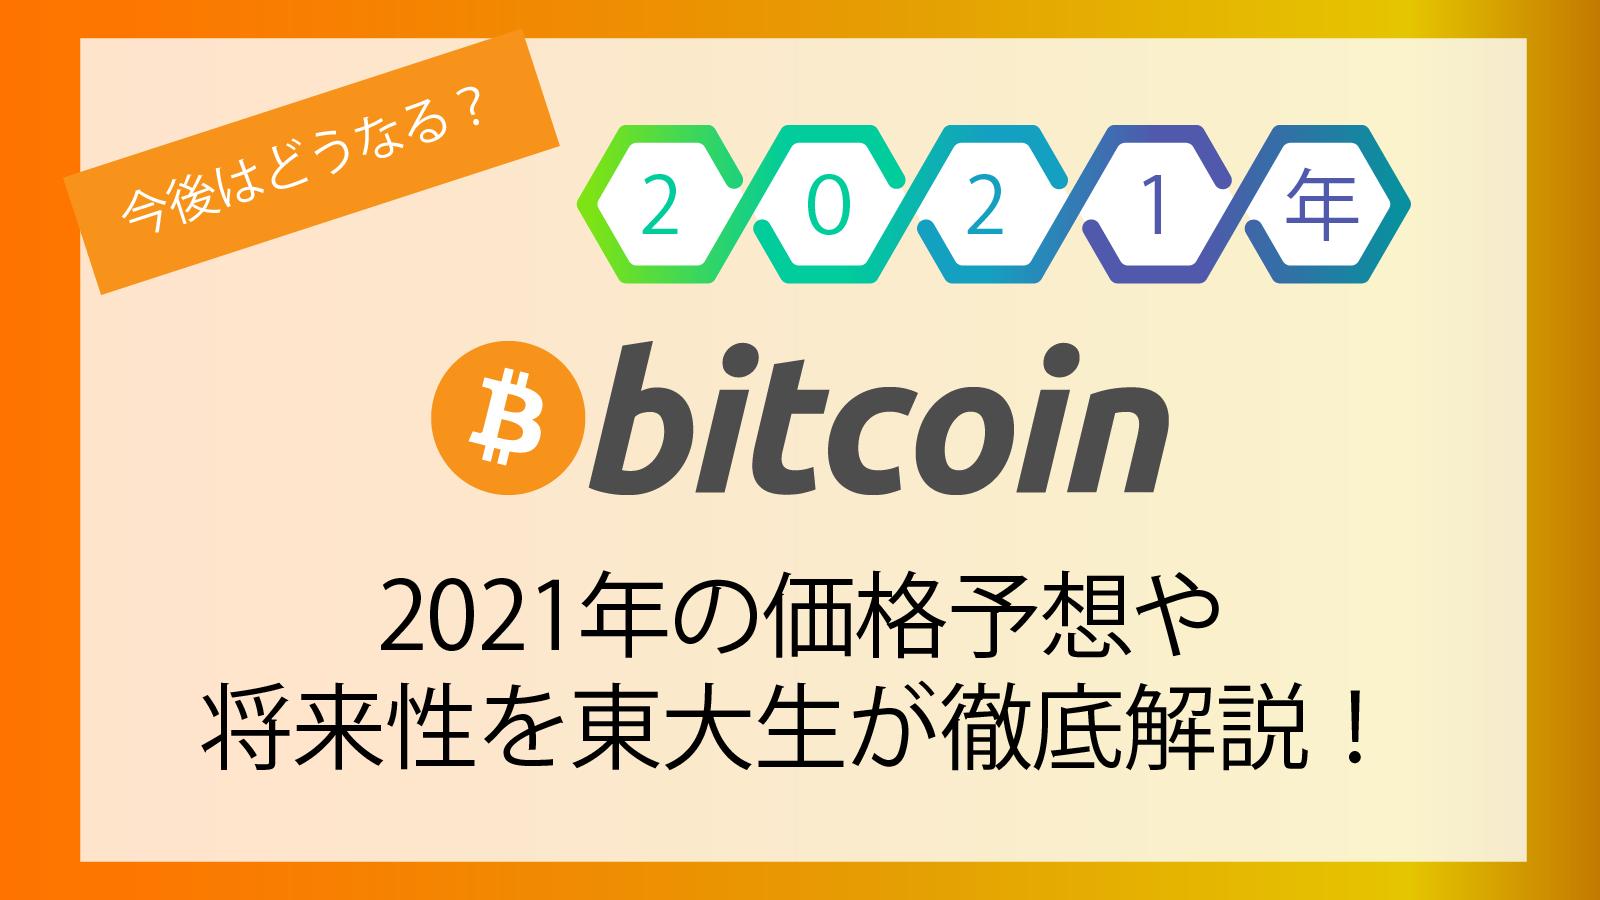 ビットコインは今後どうなる?2021年の価格予想や将来性を徹底解説